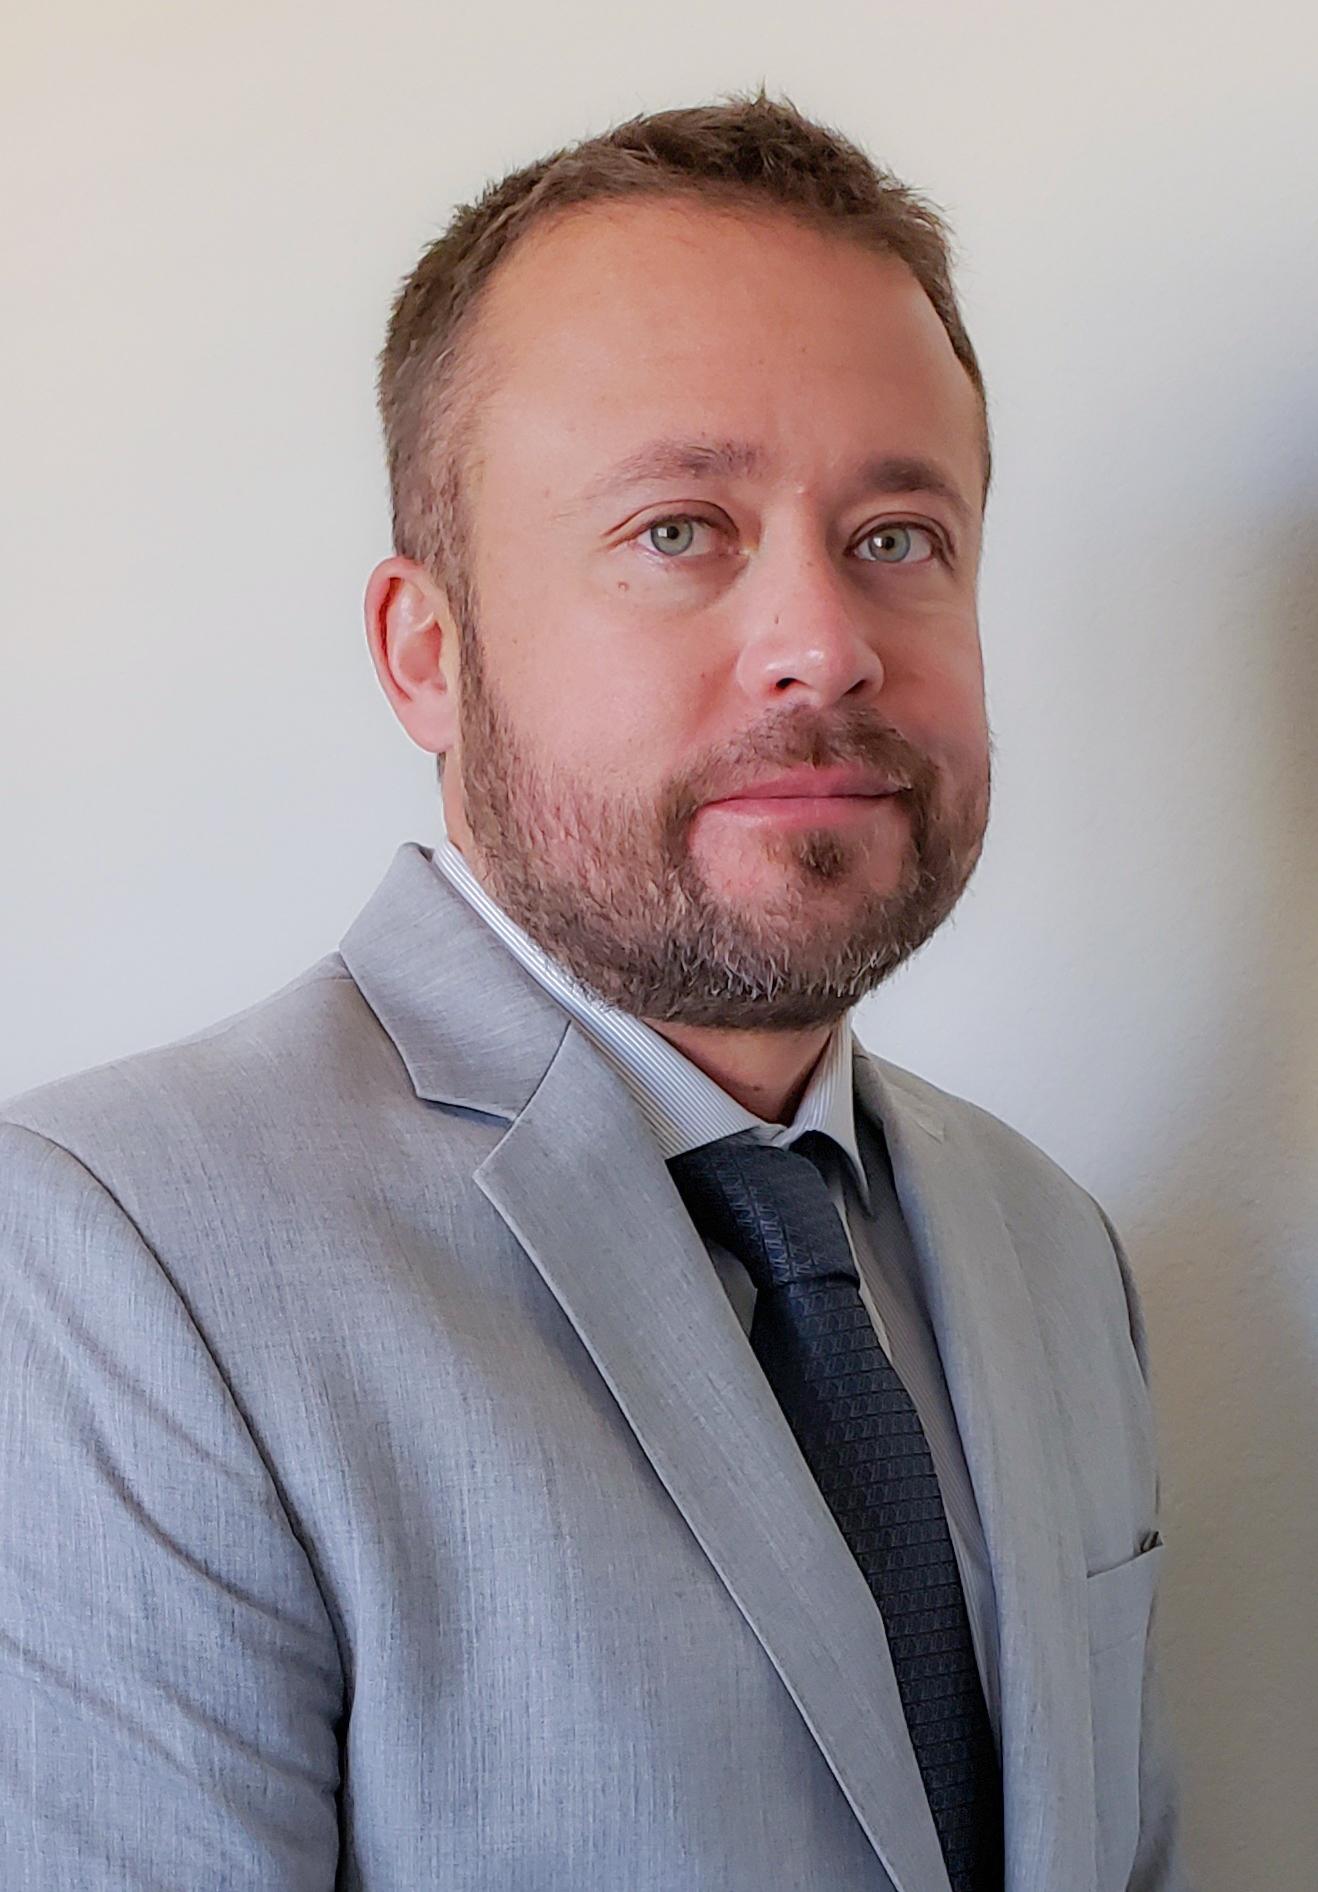 Egresado UDLAP funda y dirige empresa multinacional e internacional